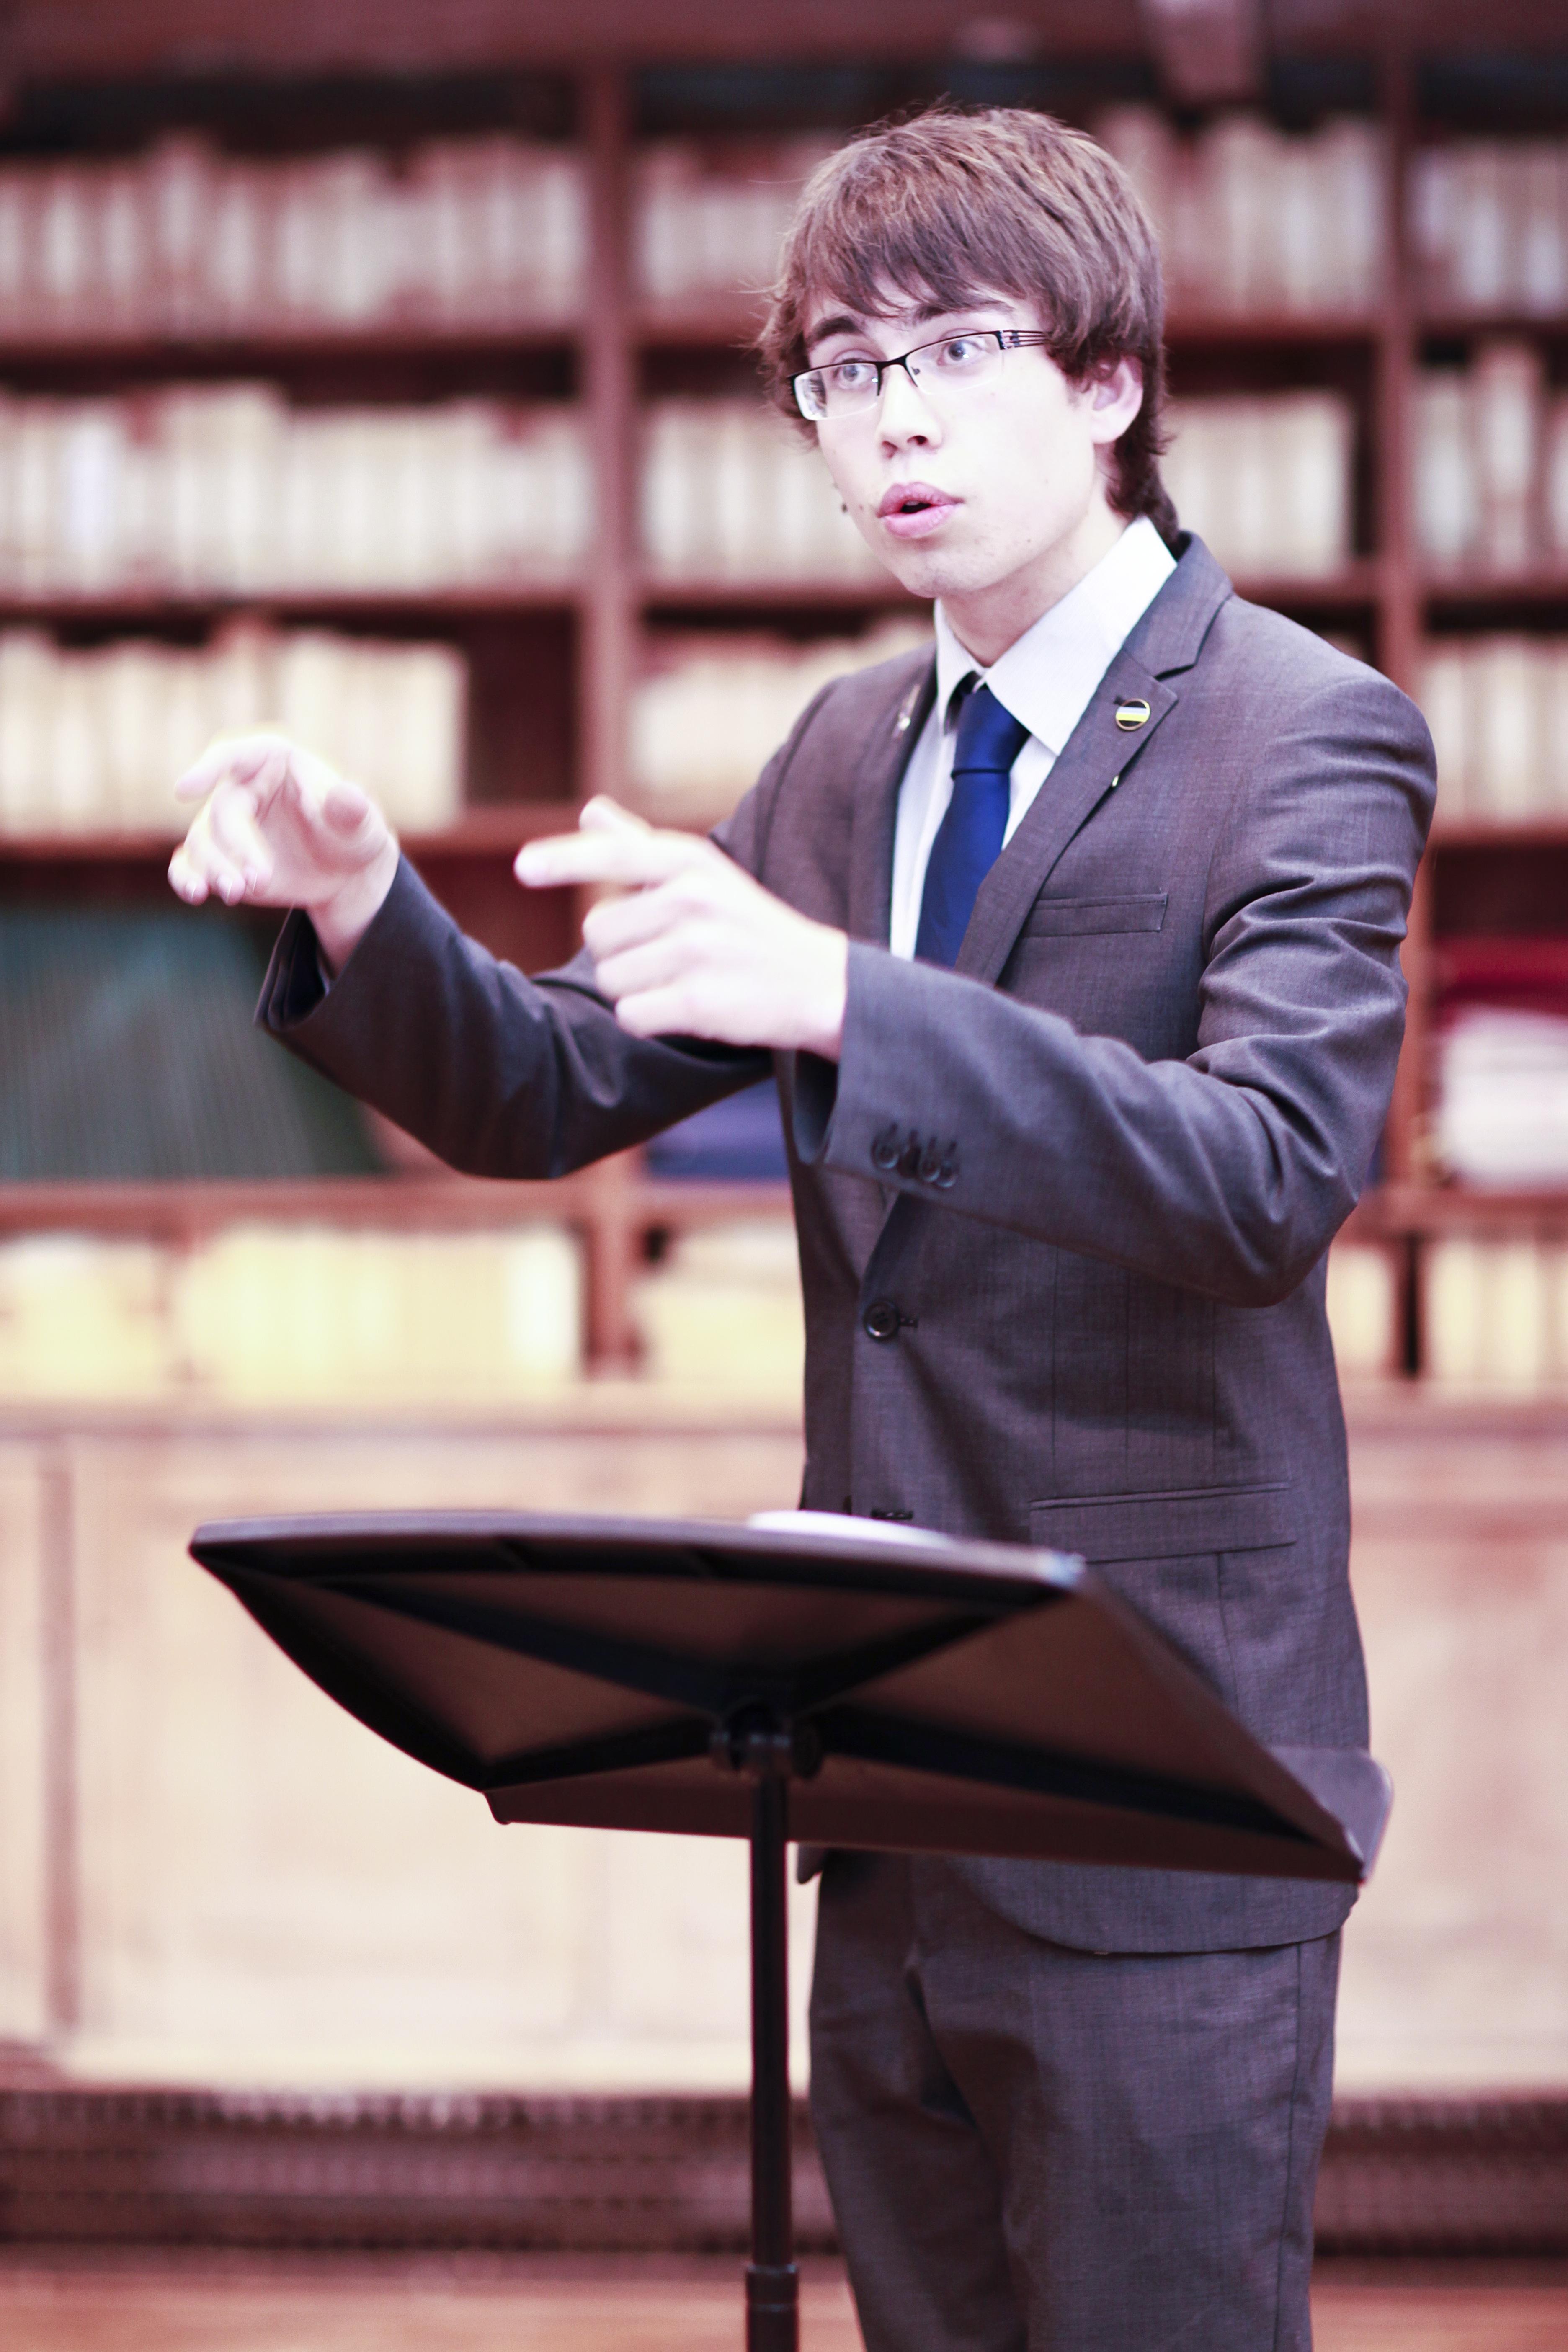 Owain Park Conducting